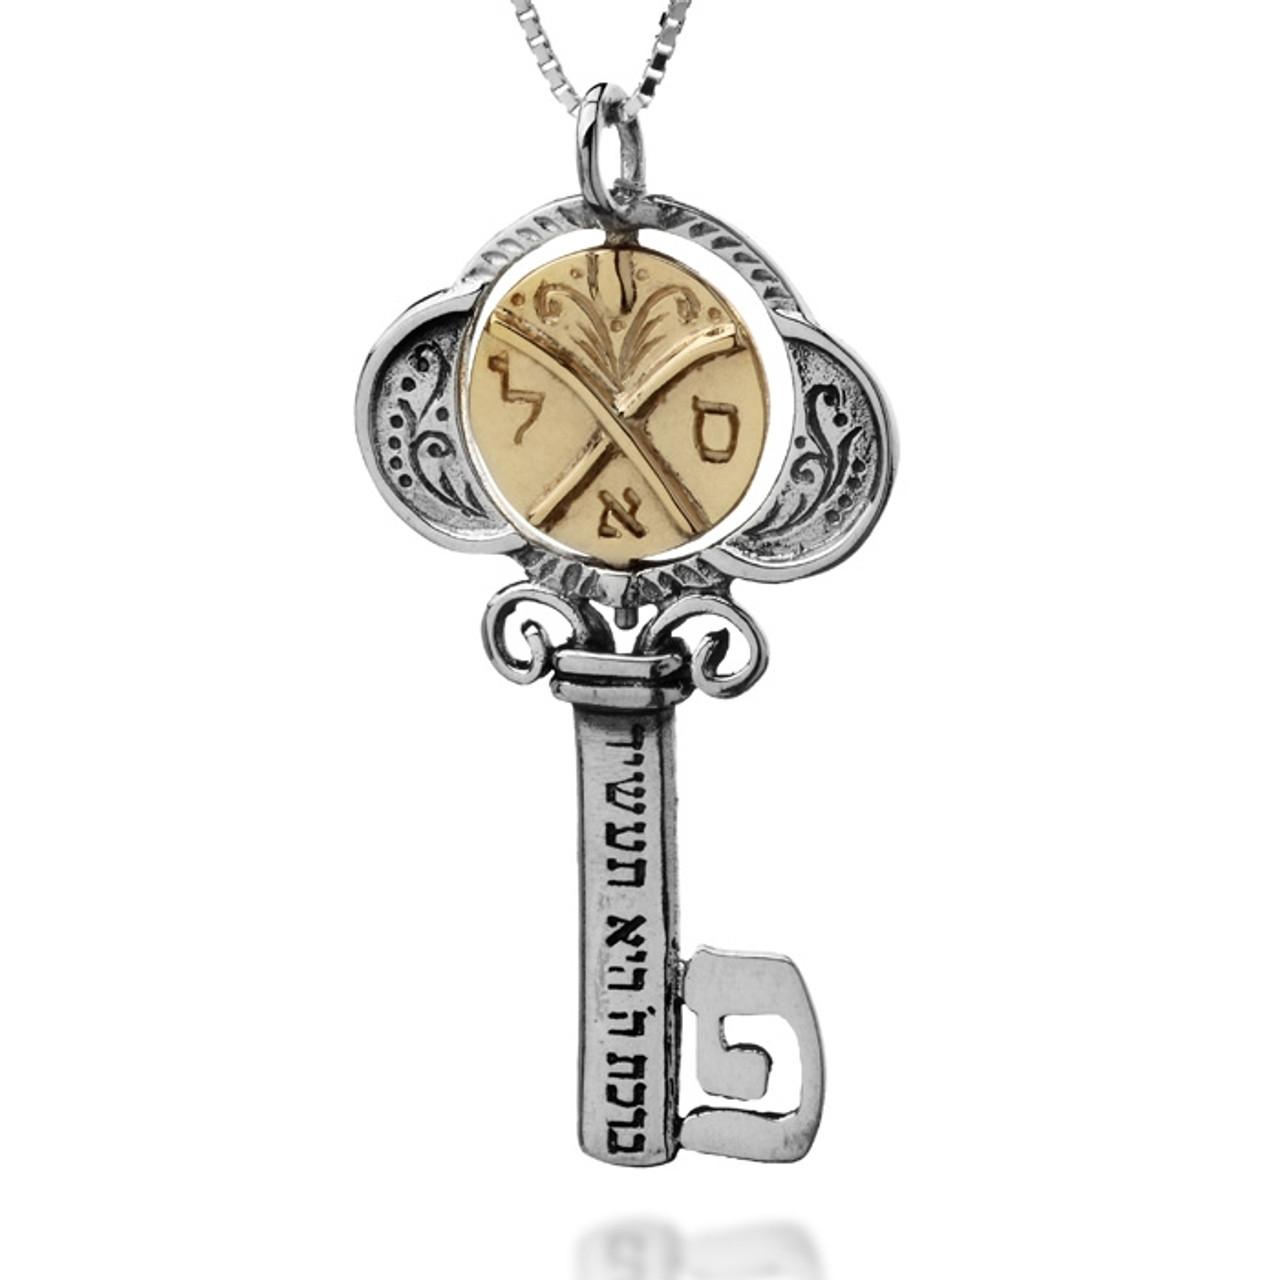 Tikun Klali Key Kabbalah Necklace With Gold Coin